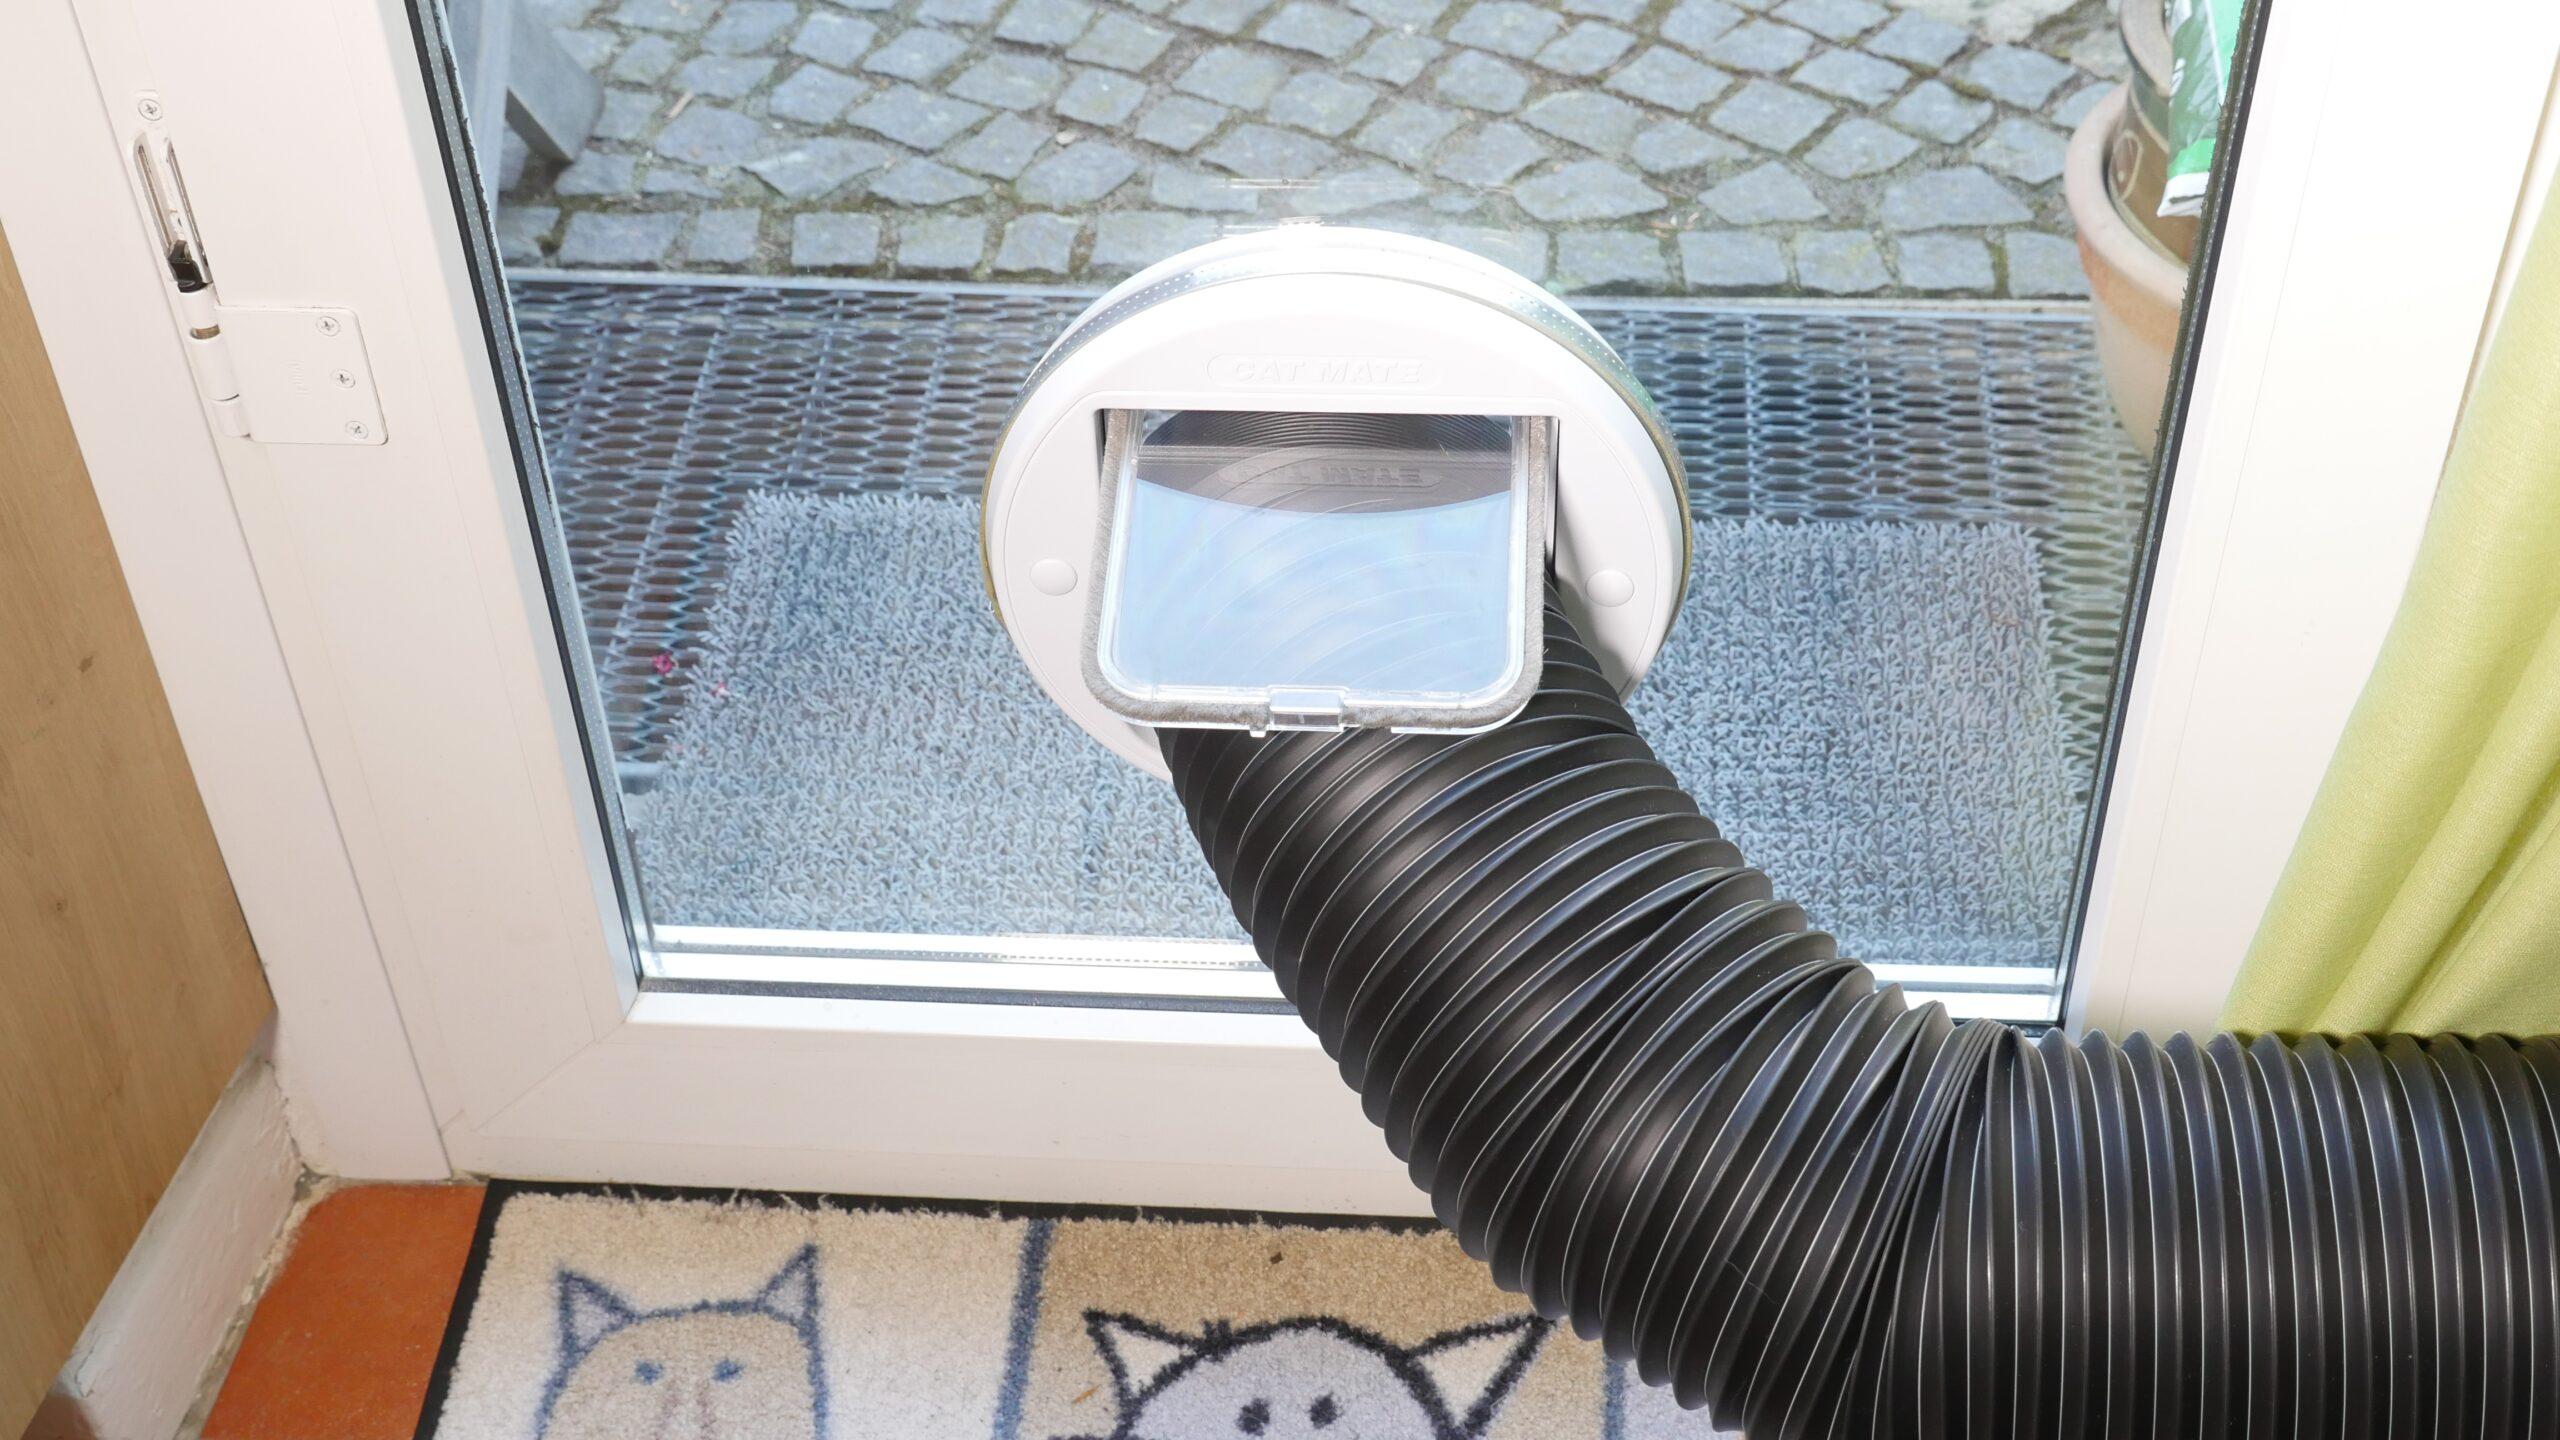 Full Size of Klimaanlagen Fenster Abdichten Klimaanlage Test Adapter Schlauch Abdichtung Noria Einbauen Kaufen Wohnwagen Durchs Türen Fliegennetz Holz Alu Velux Plissee Wohnzimmer Fenster Klimaanlage